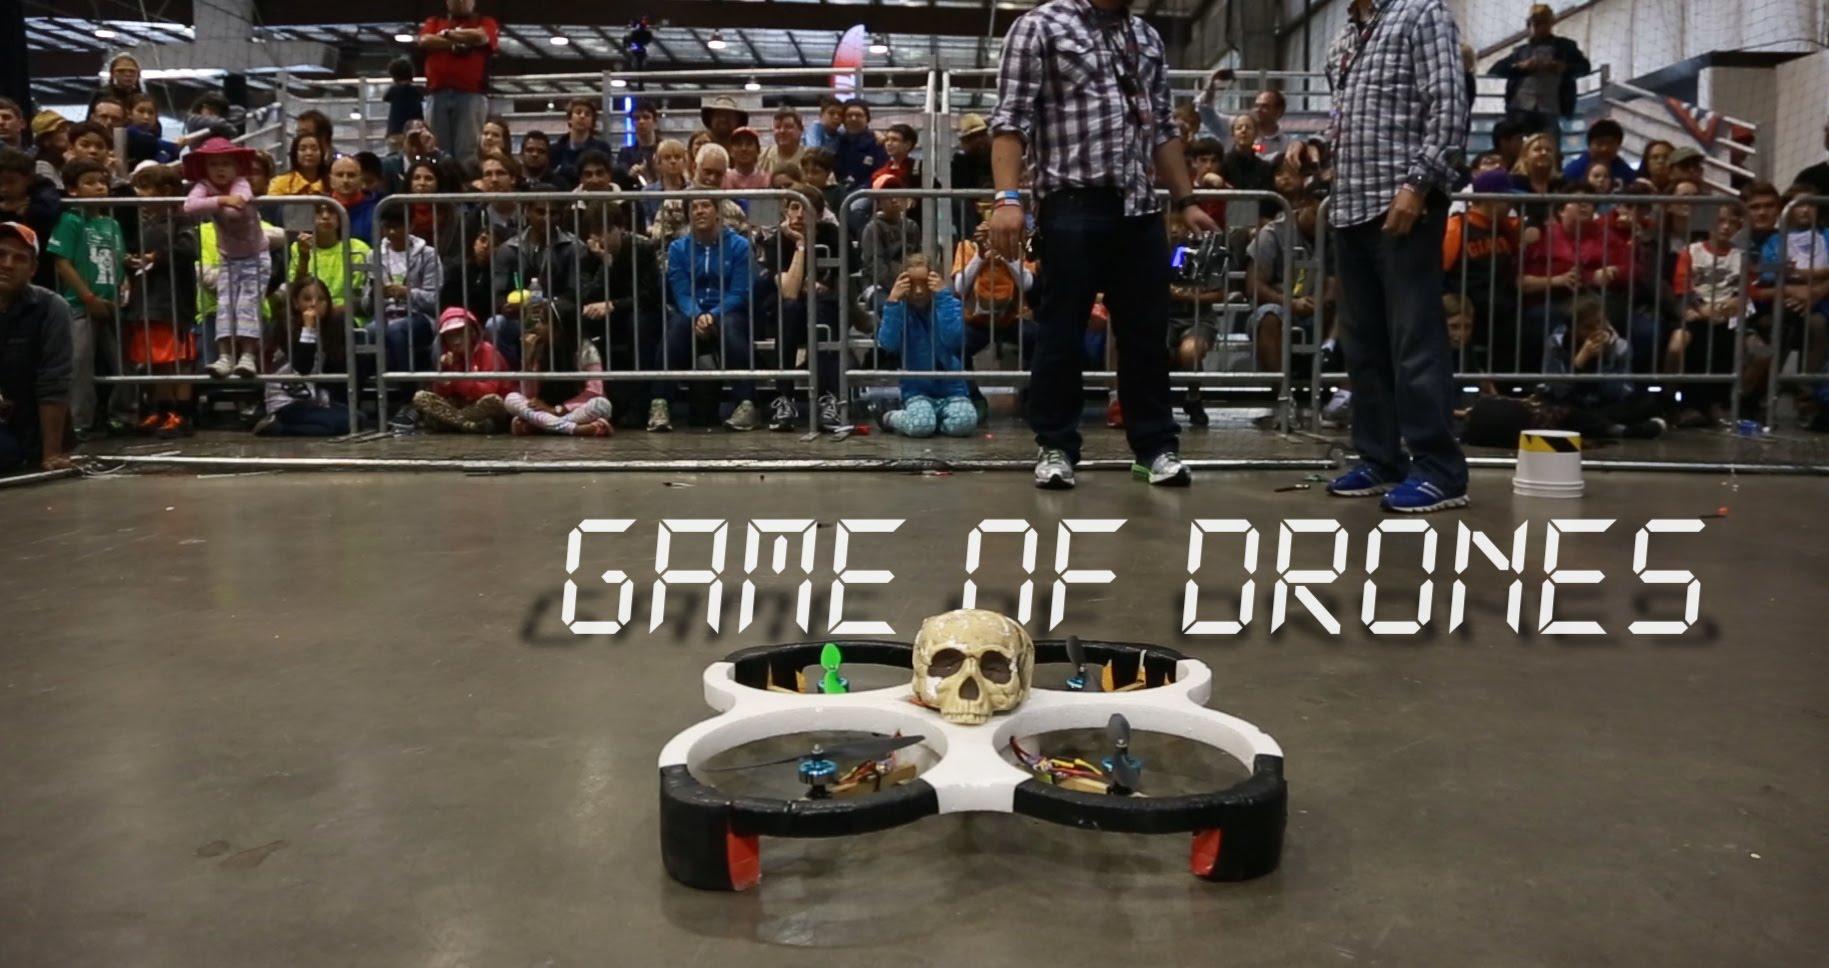 Битвы дронов game of drones drone fight отвратительные мужики disgusting men